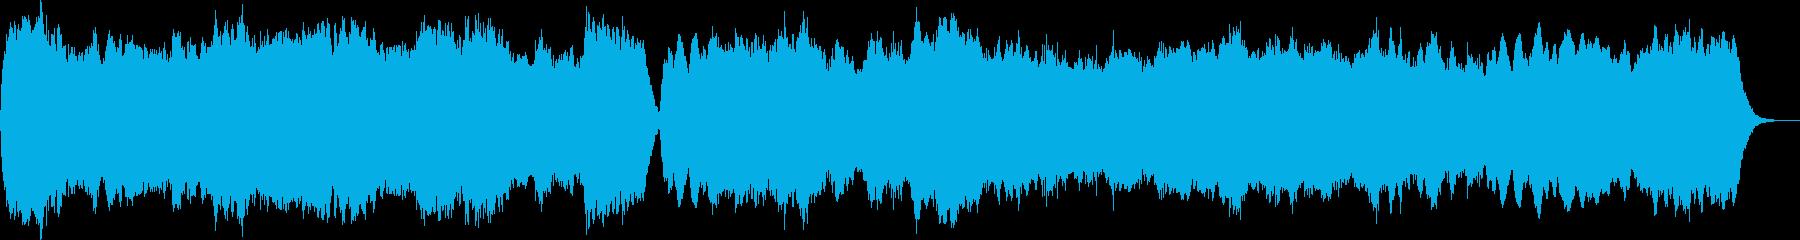 重々しく荘厳なパイプオルガンソロの再生済みの波形